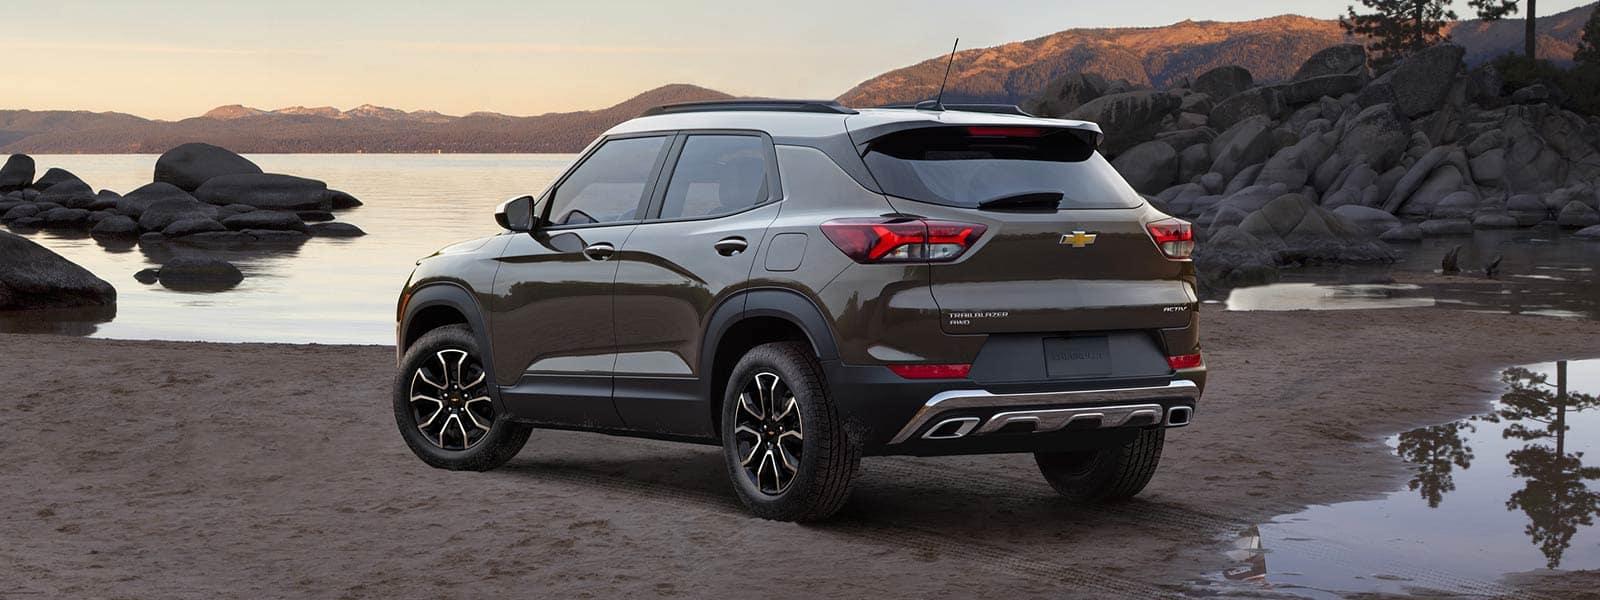 Buy new 2021 Chevrolet Trailblazer in Regina Saskatchewan